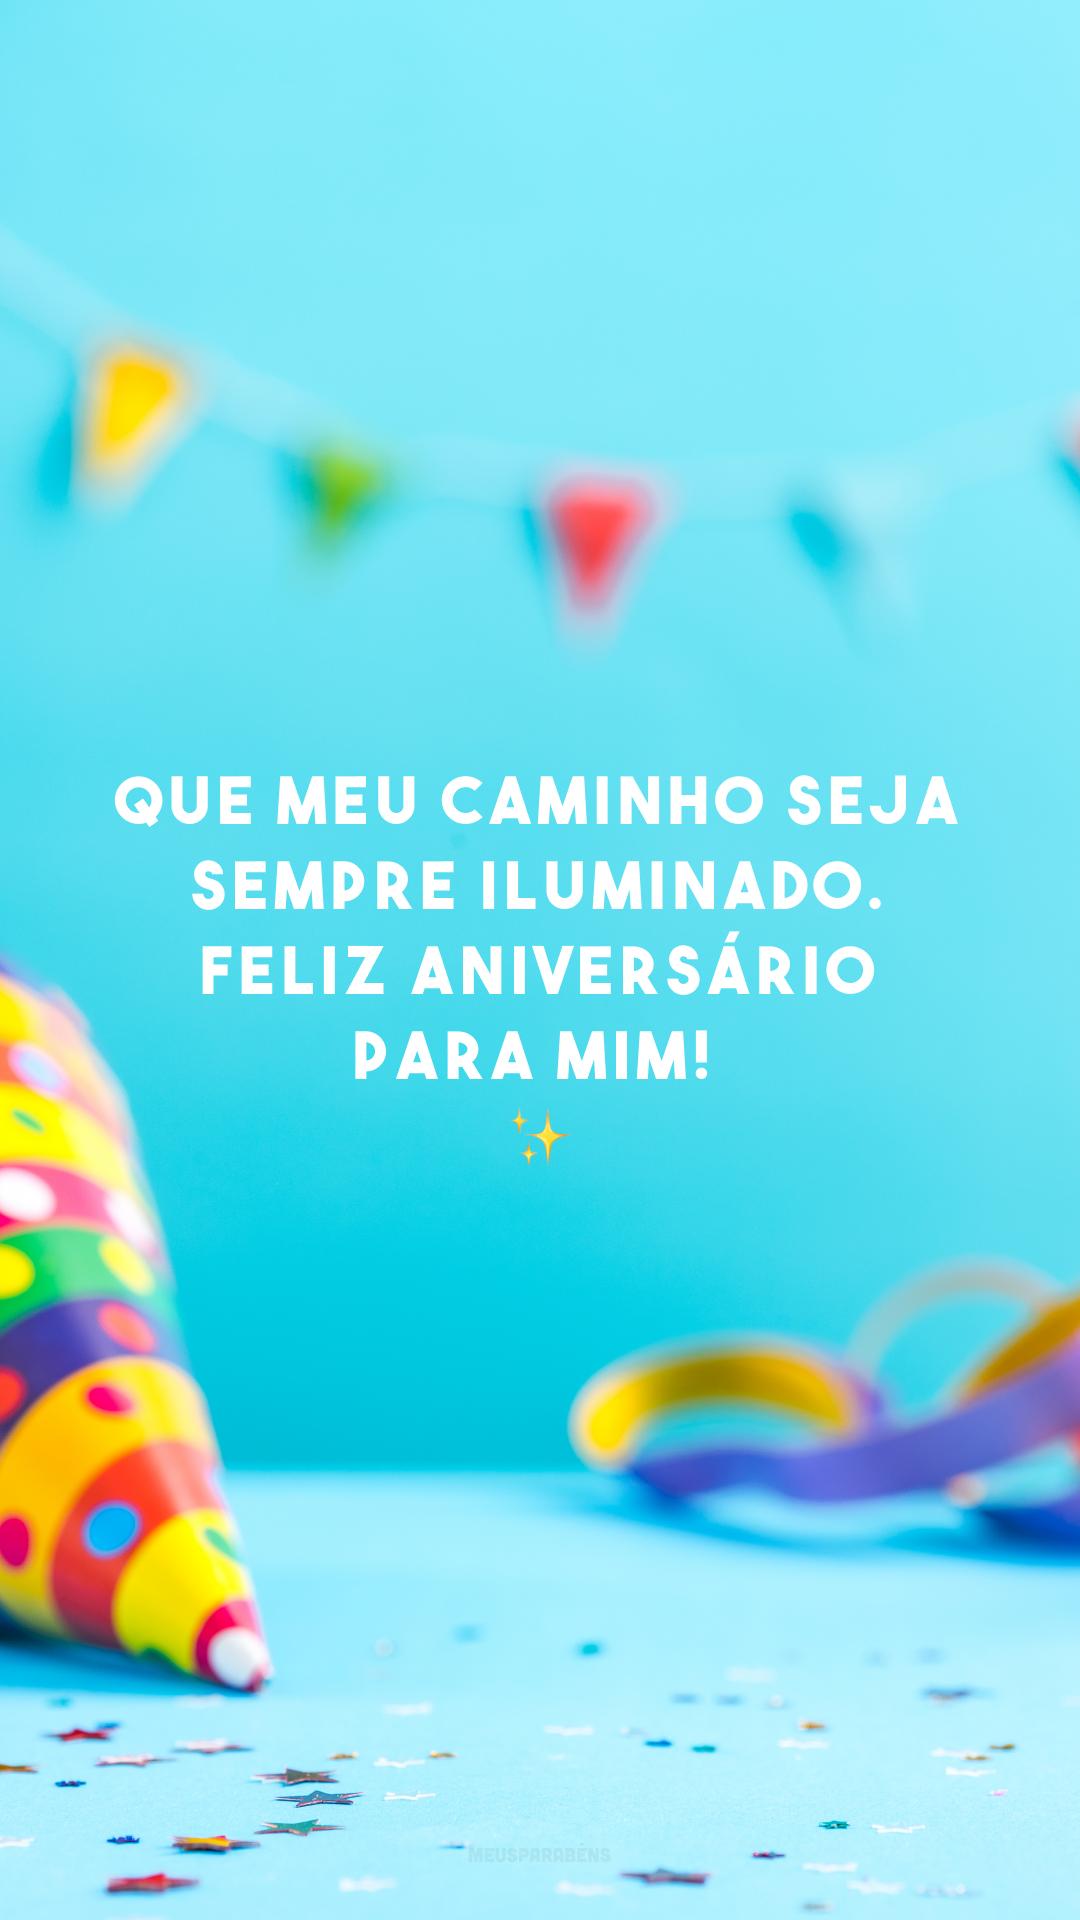 Que meu caminho seja sempre iluminado. Feliz aniversário para mim! ✨